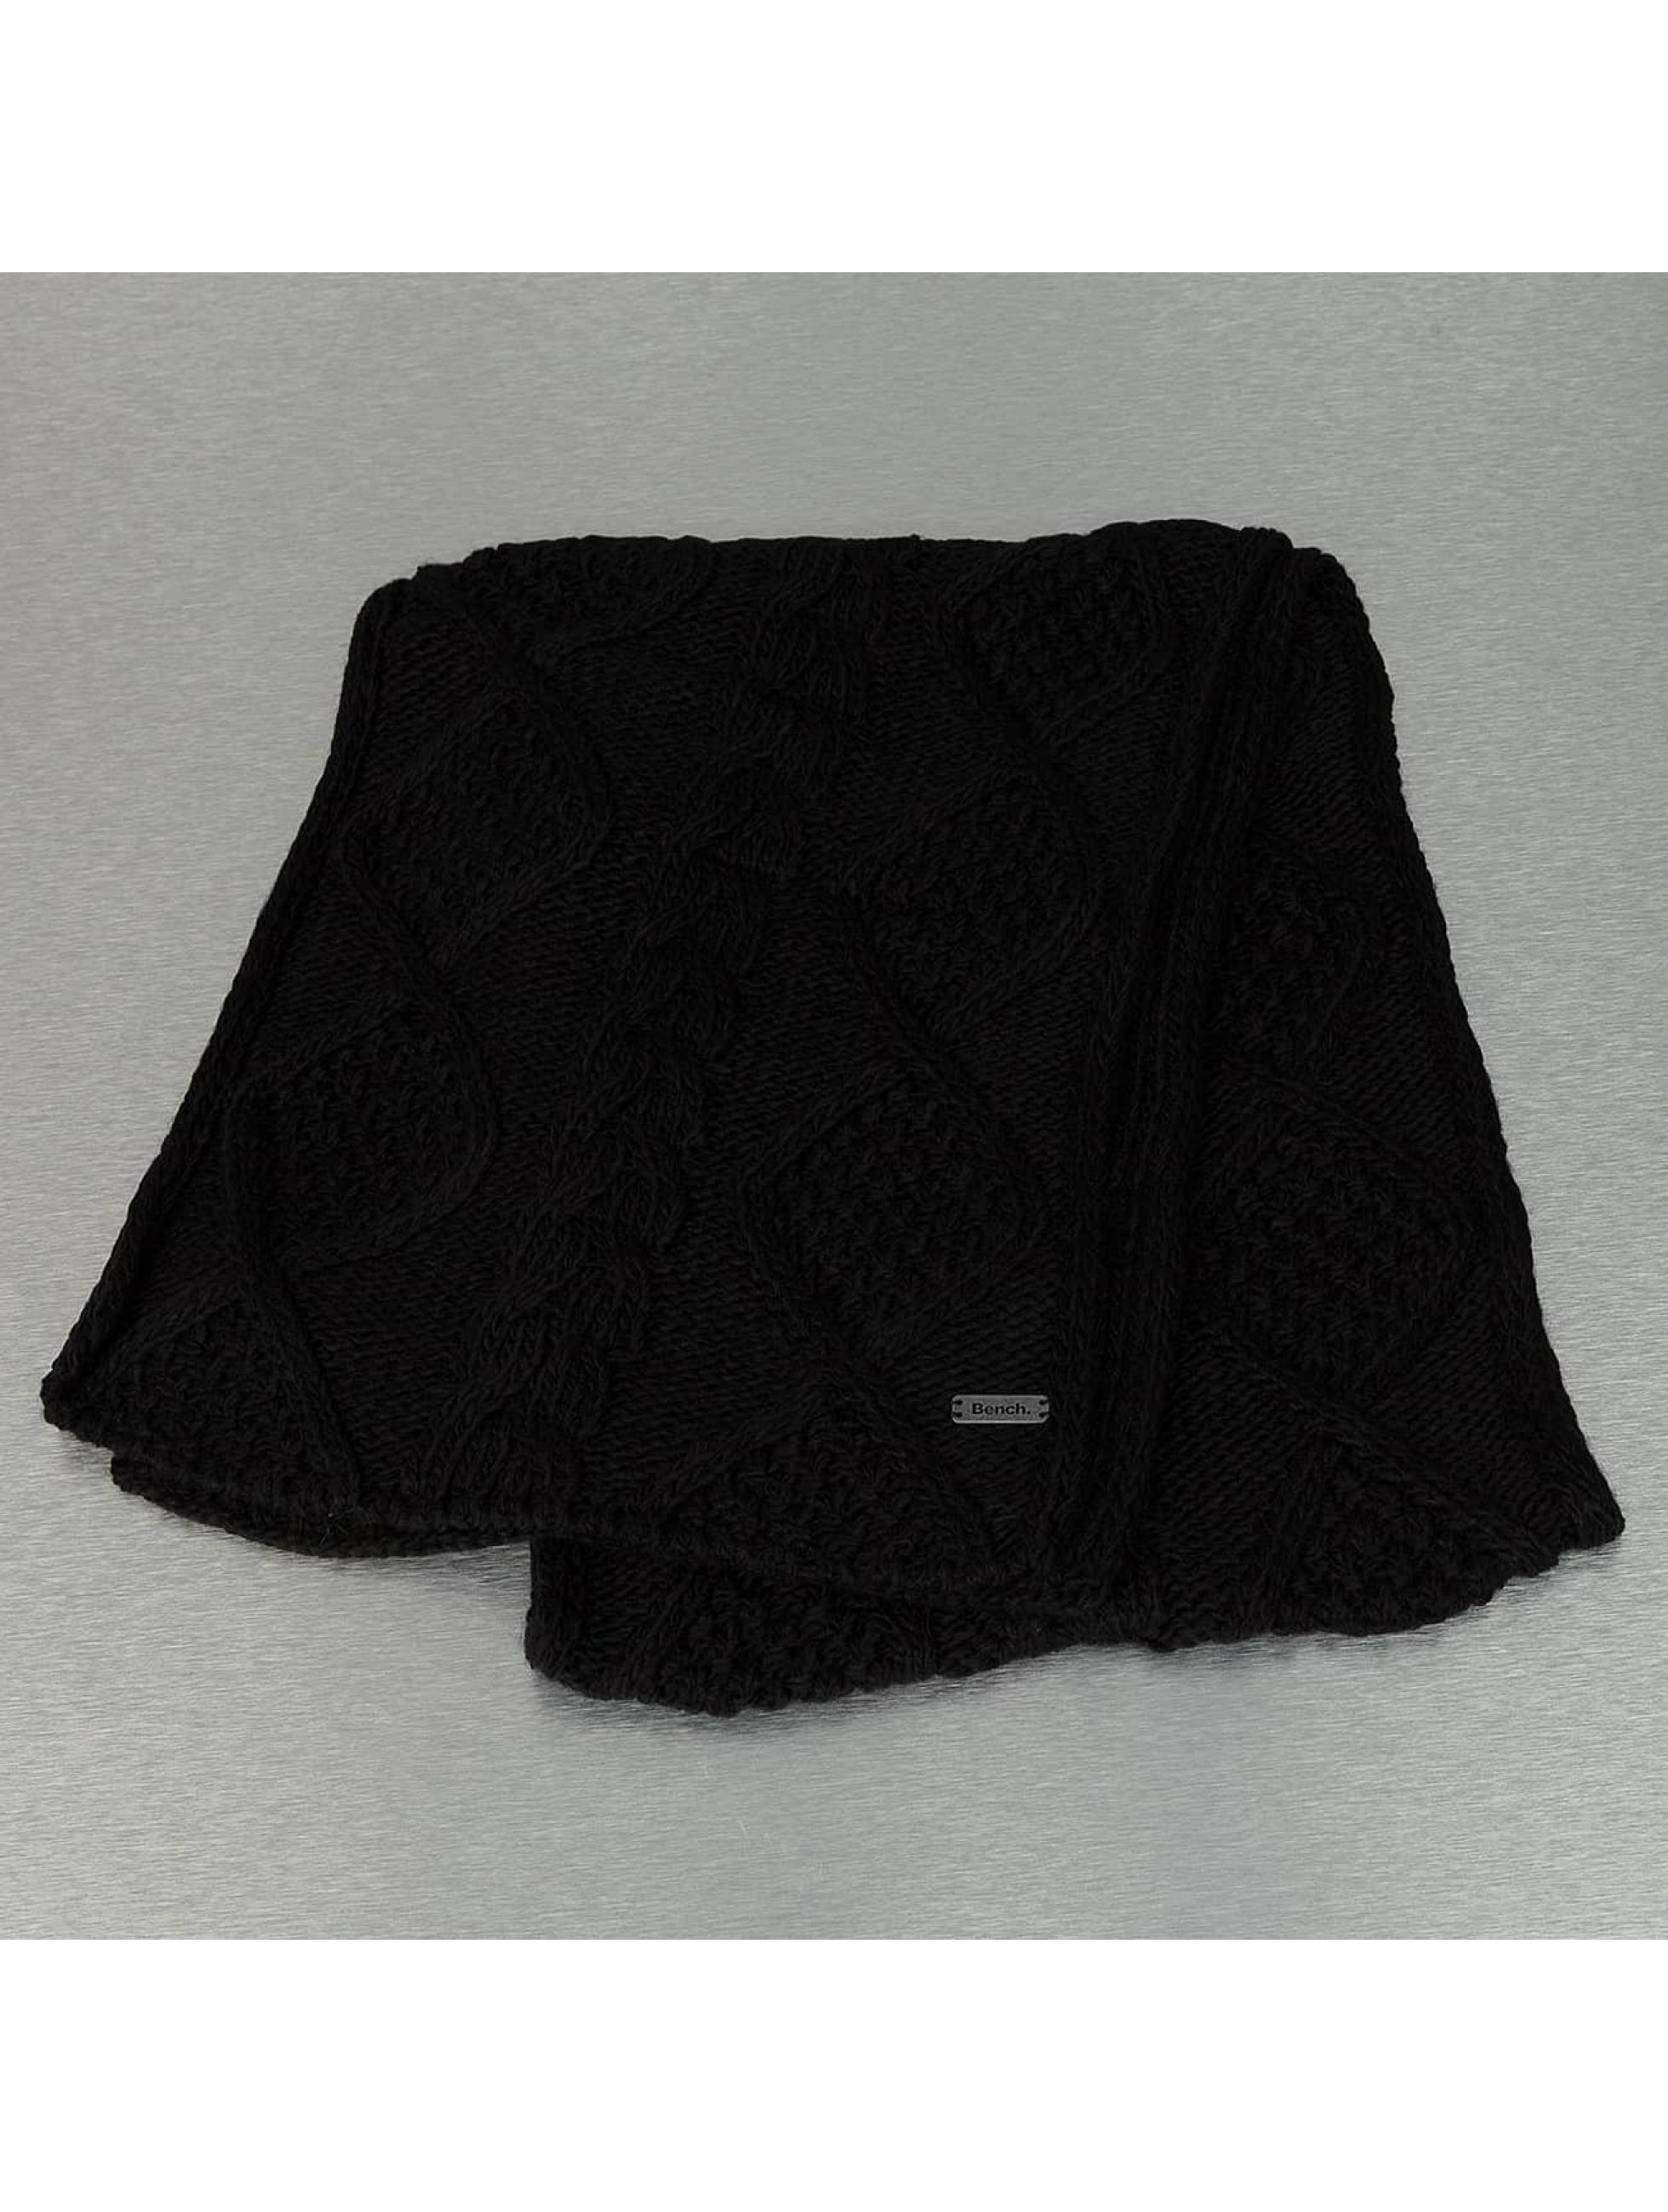 Bench Šály / Šatky Careen Cable Knit èierna